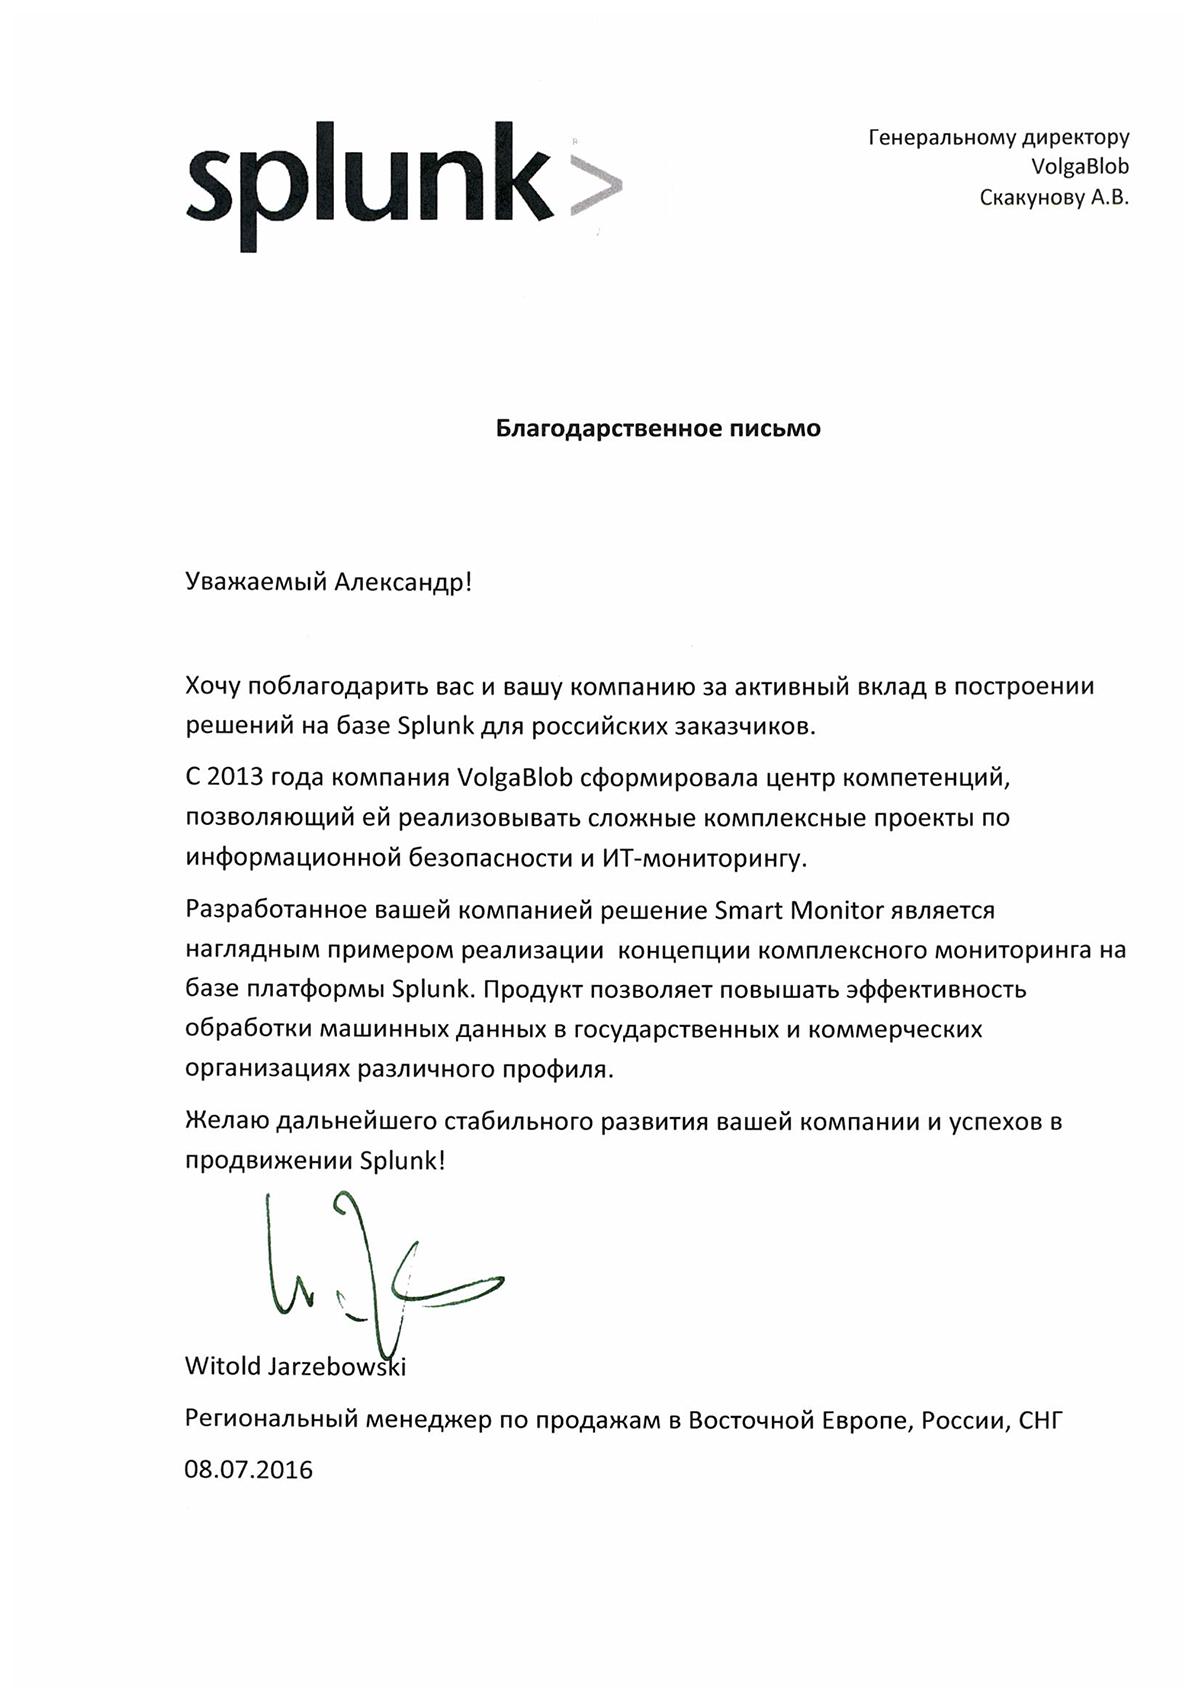 Splunk  Благодарственное письмо за развитие Splunk в России - VolgaBlob